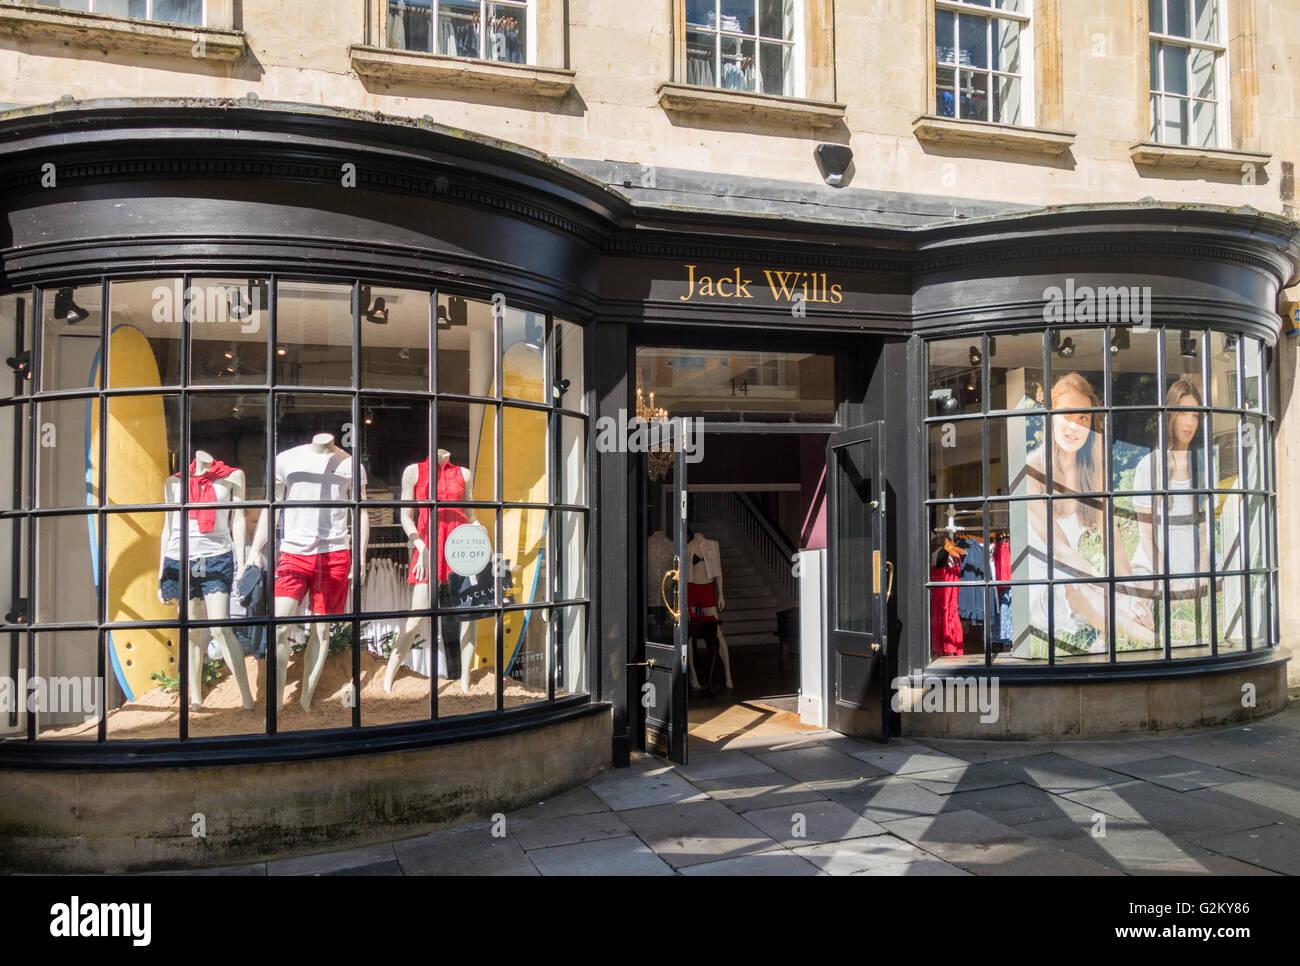 Jack Wills, Bath, England - Stock Image